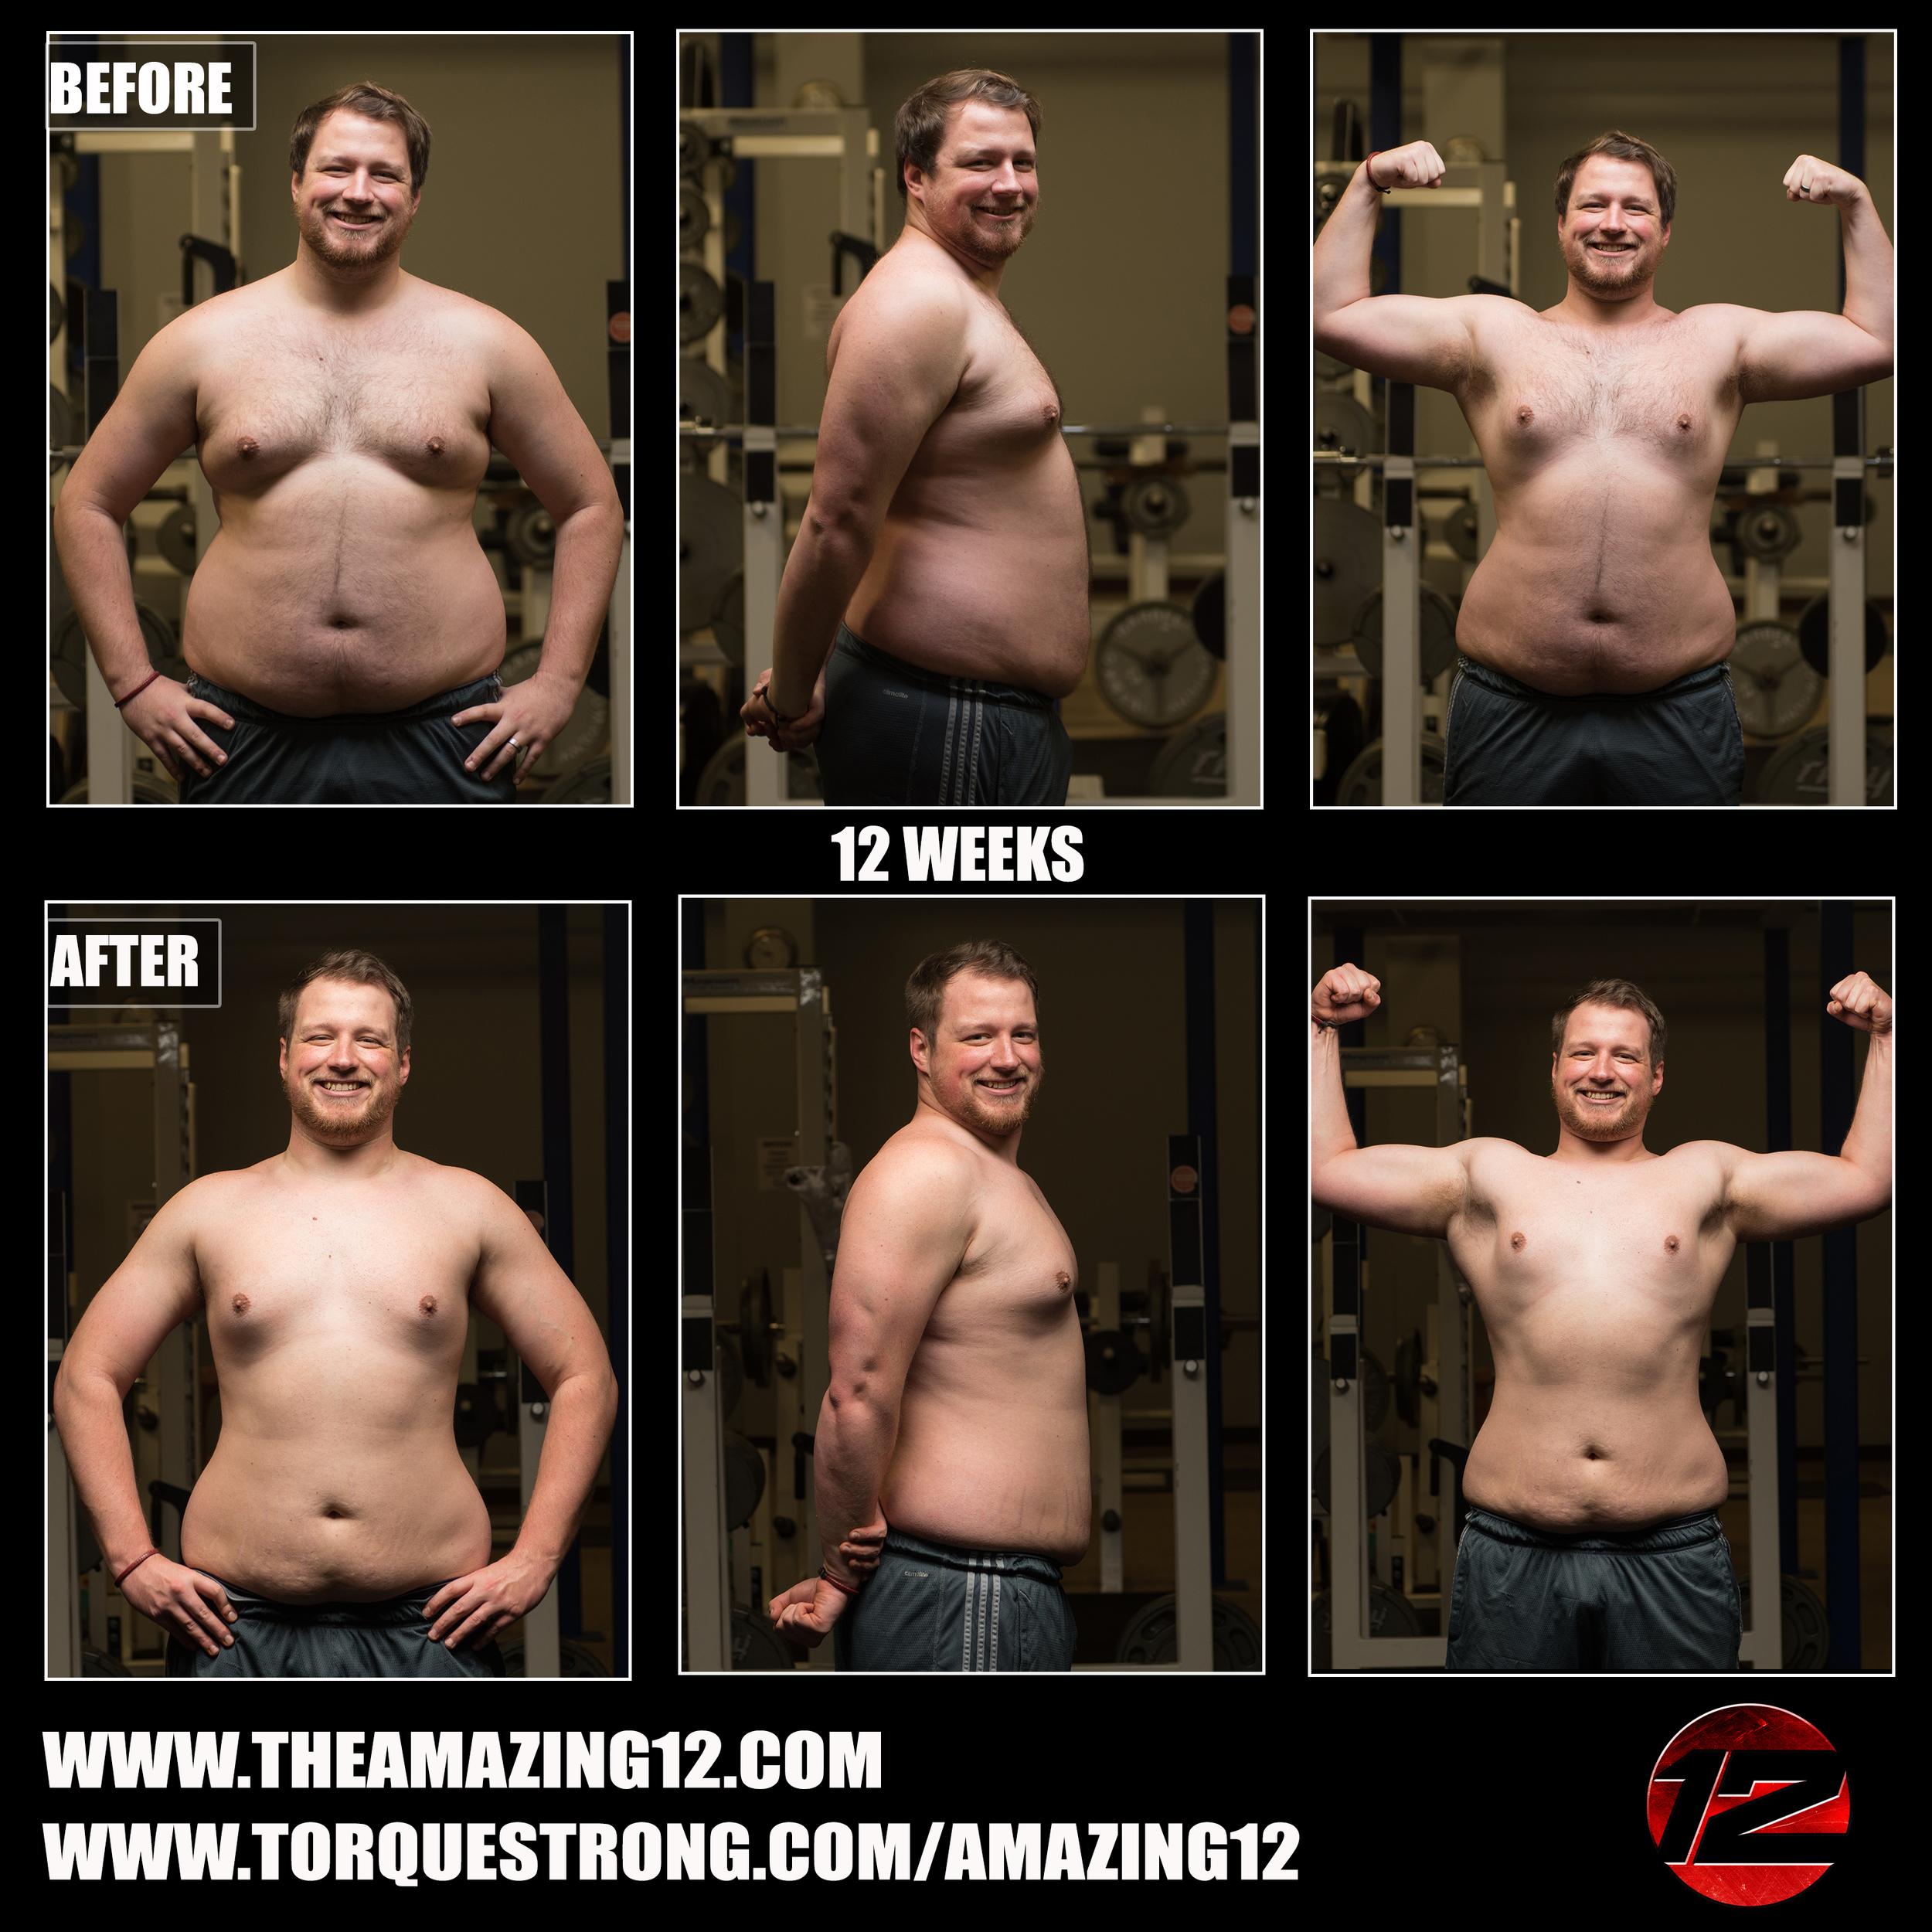 Amazing12 Adam